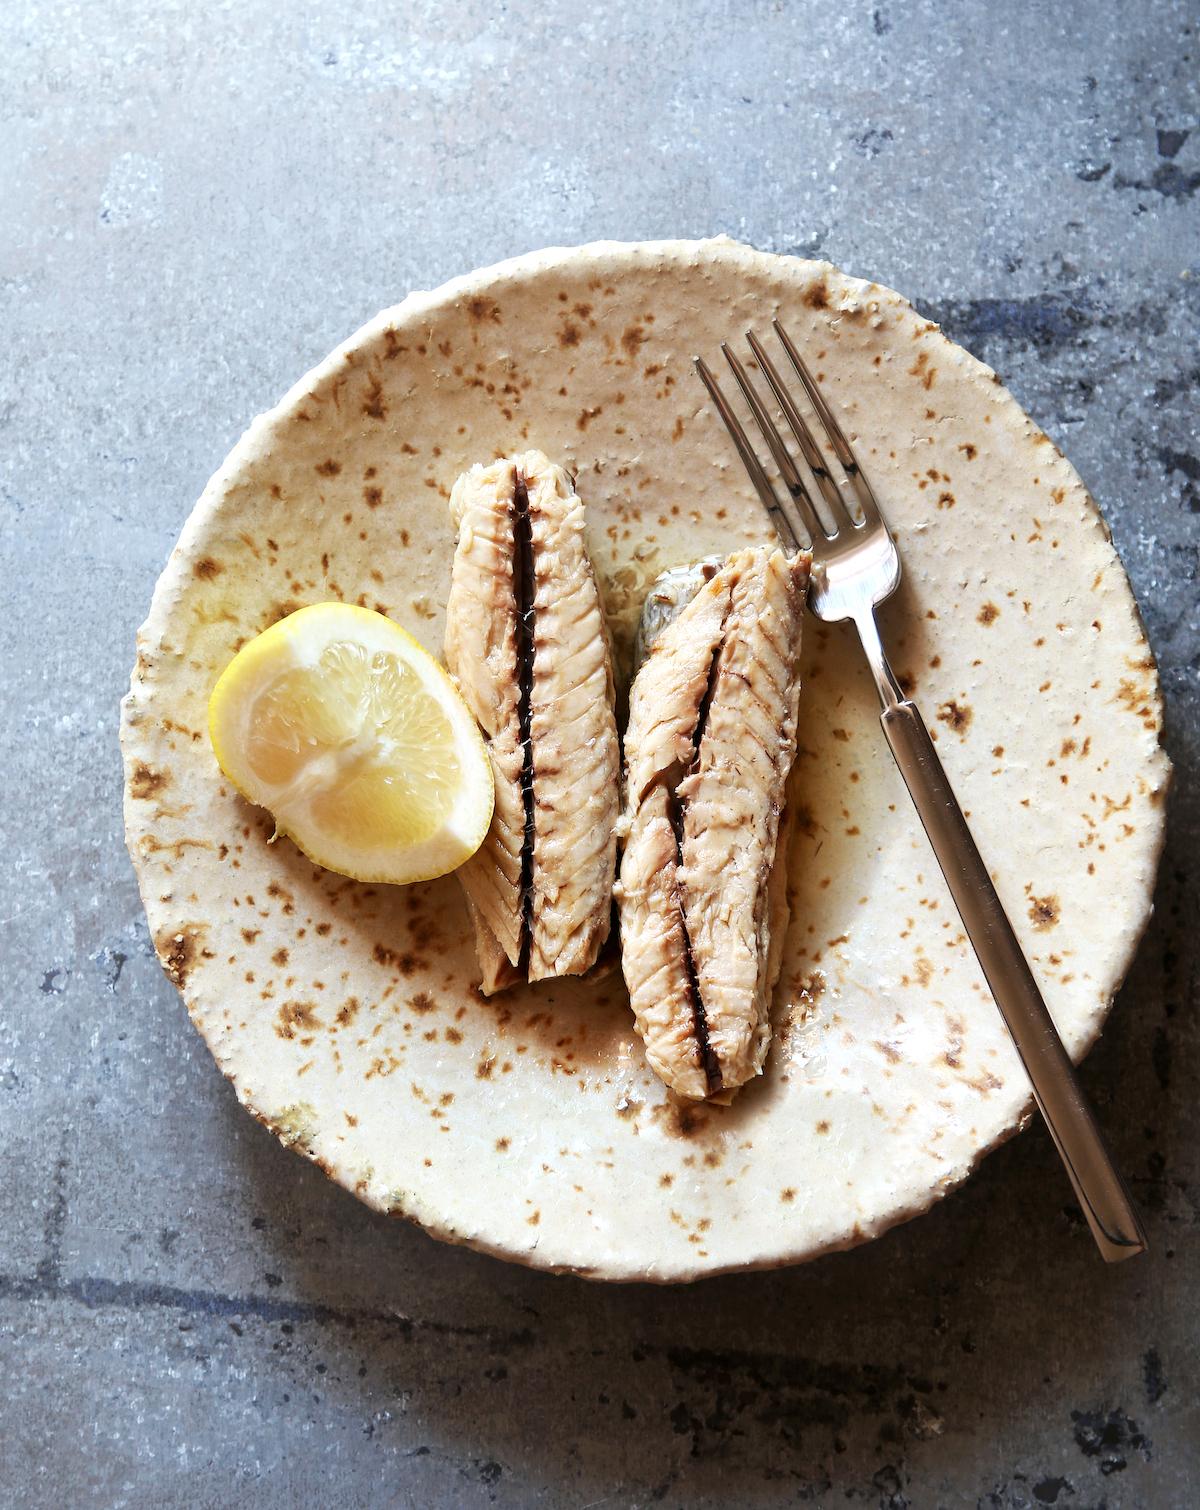 Filets de maquereaux dans une assiette ©thefoodphotographer shutterstock